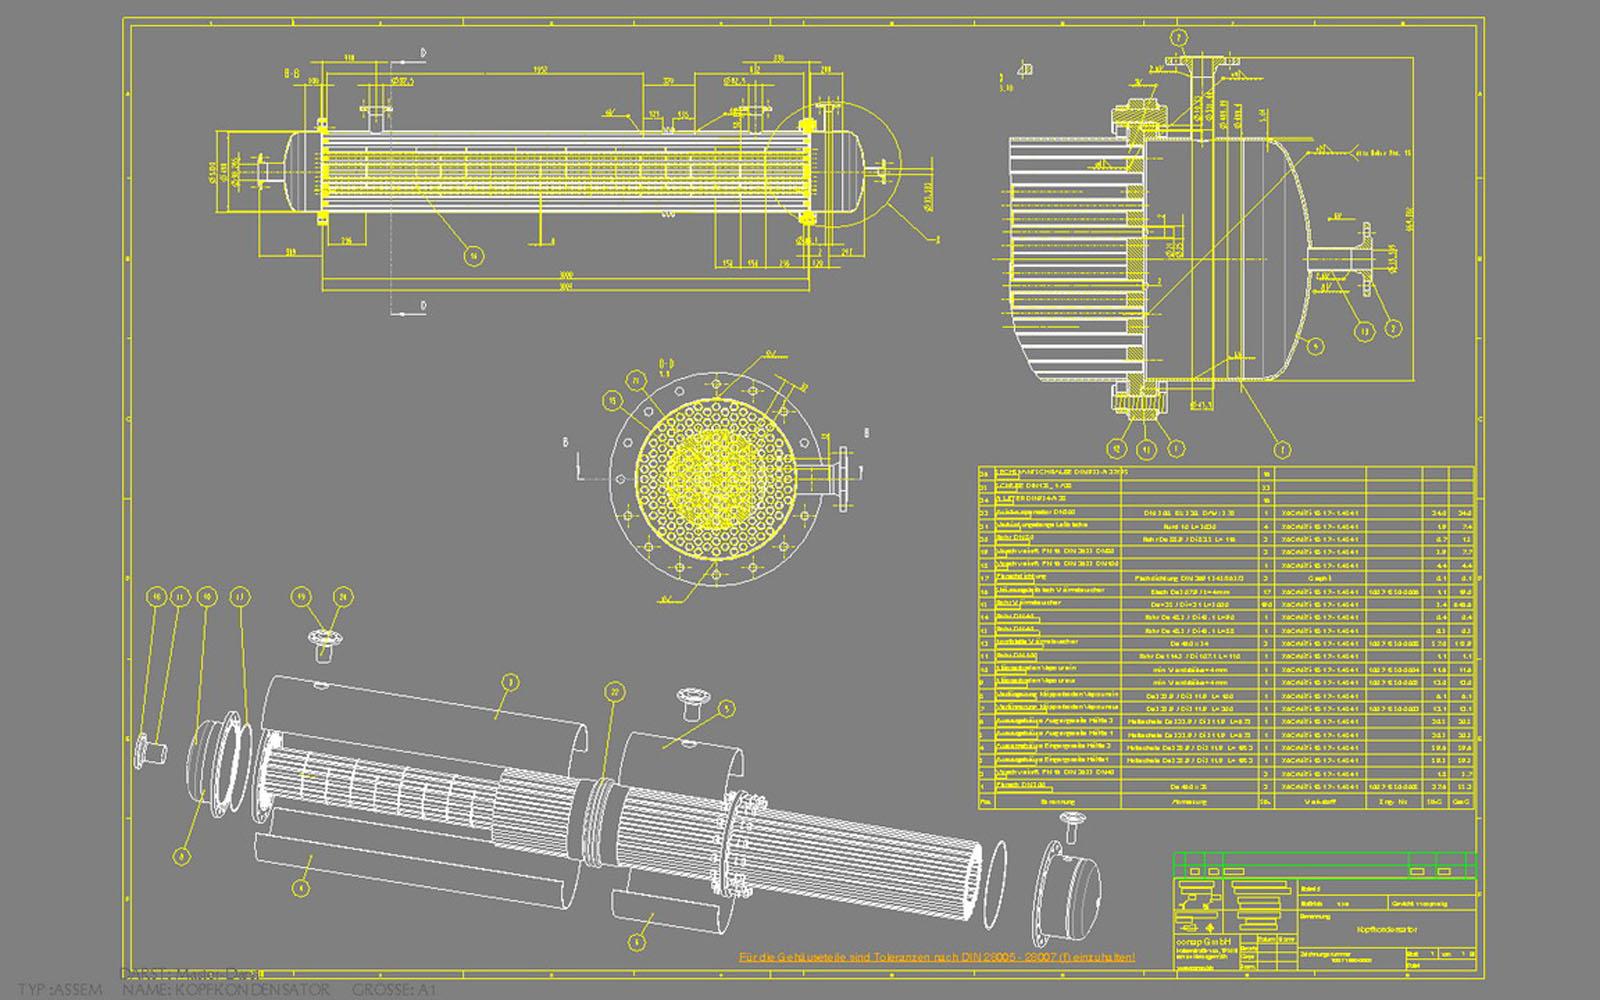 Conap CAD Konstruktionsbüro - CAD Modell eines Rohrkondensators